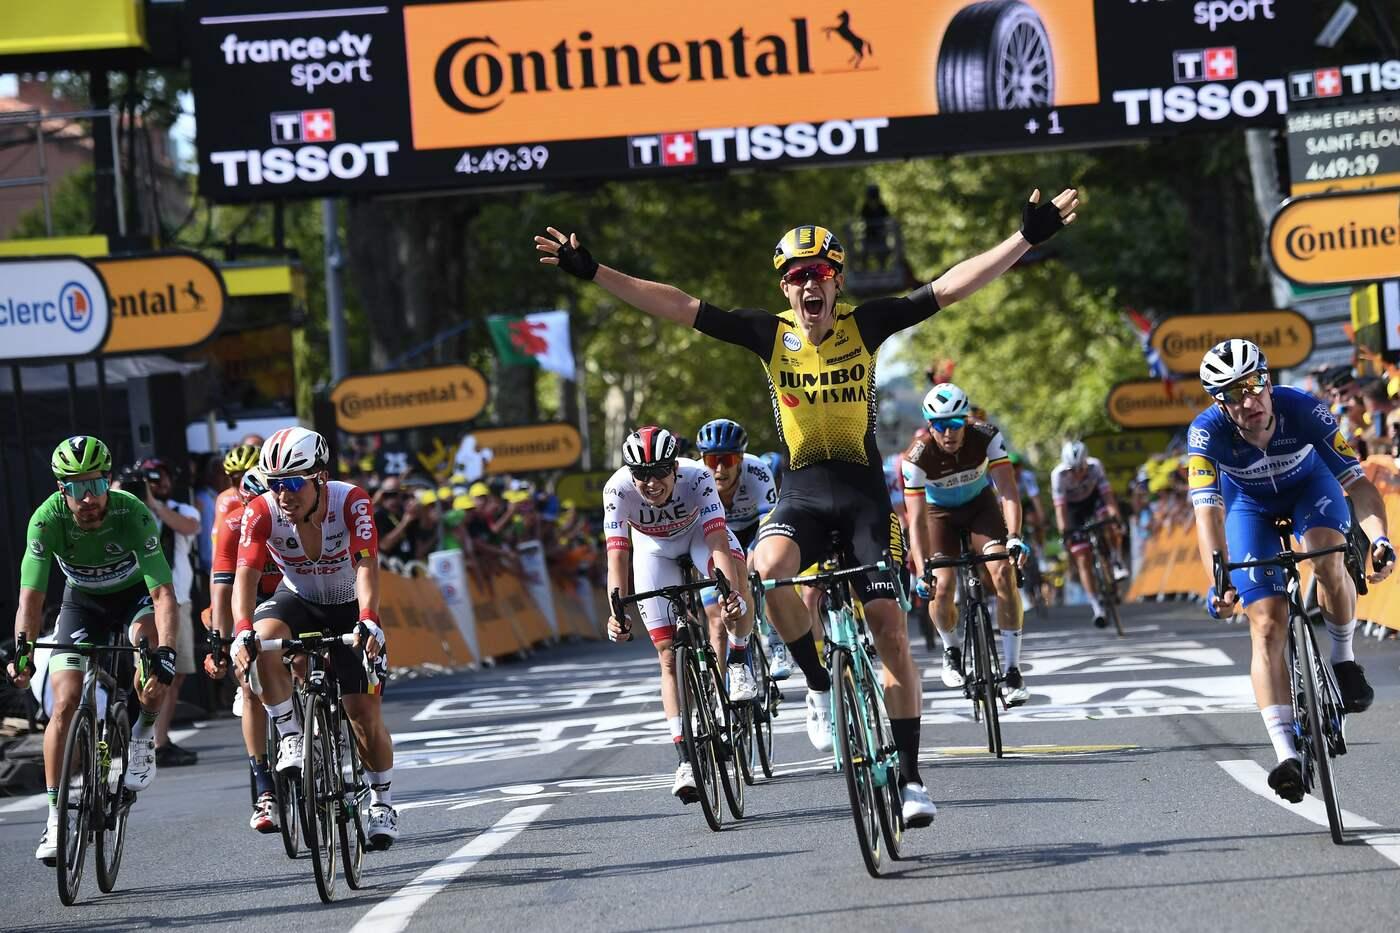 Tour de France 2019 favoriti tappa 11: Albi-Toulouse, l'analisi, le quote e i consigli sulla tappa di oggi al Tour de France 2019!